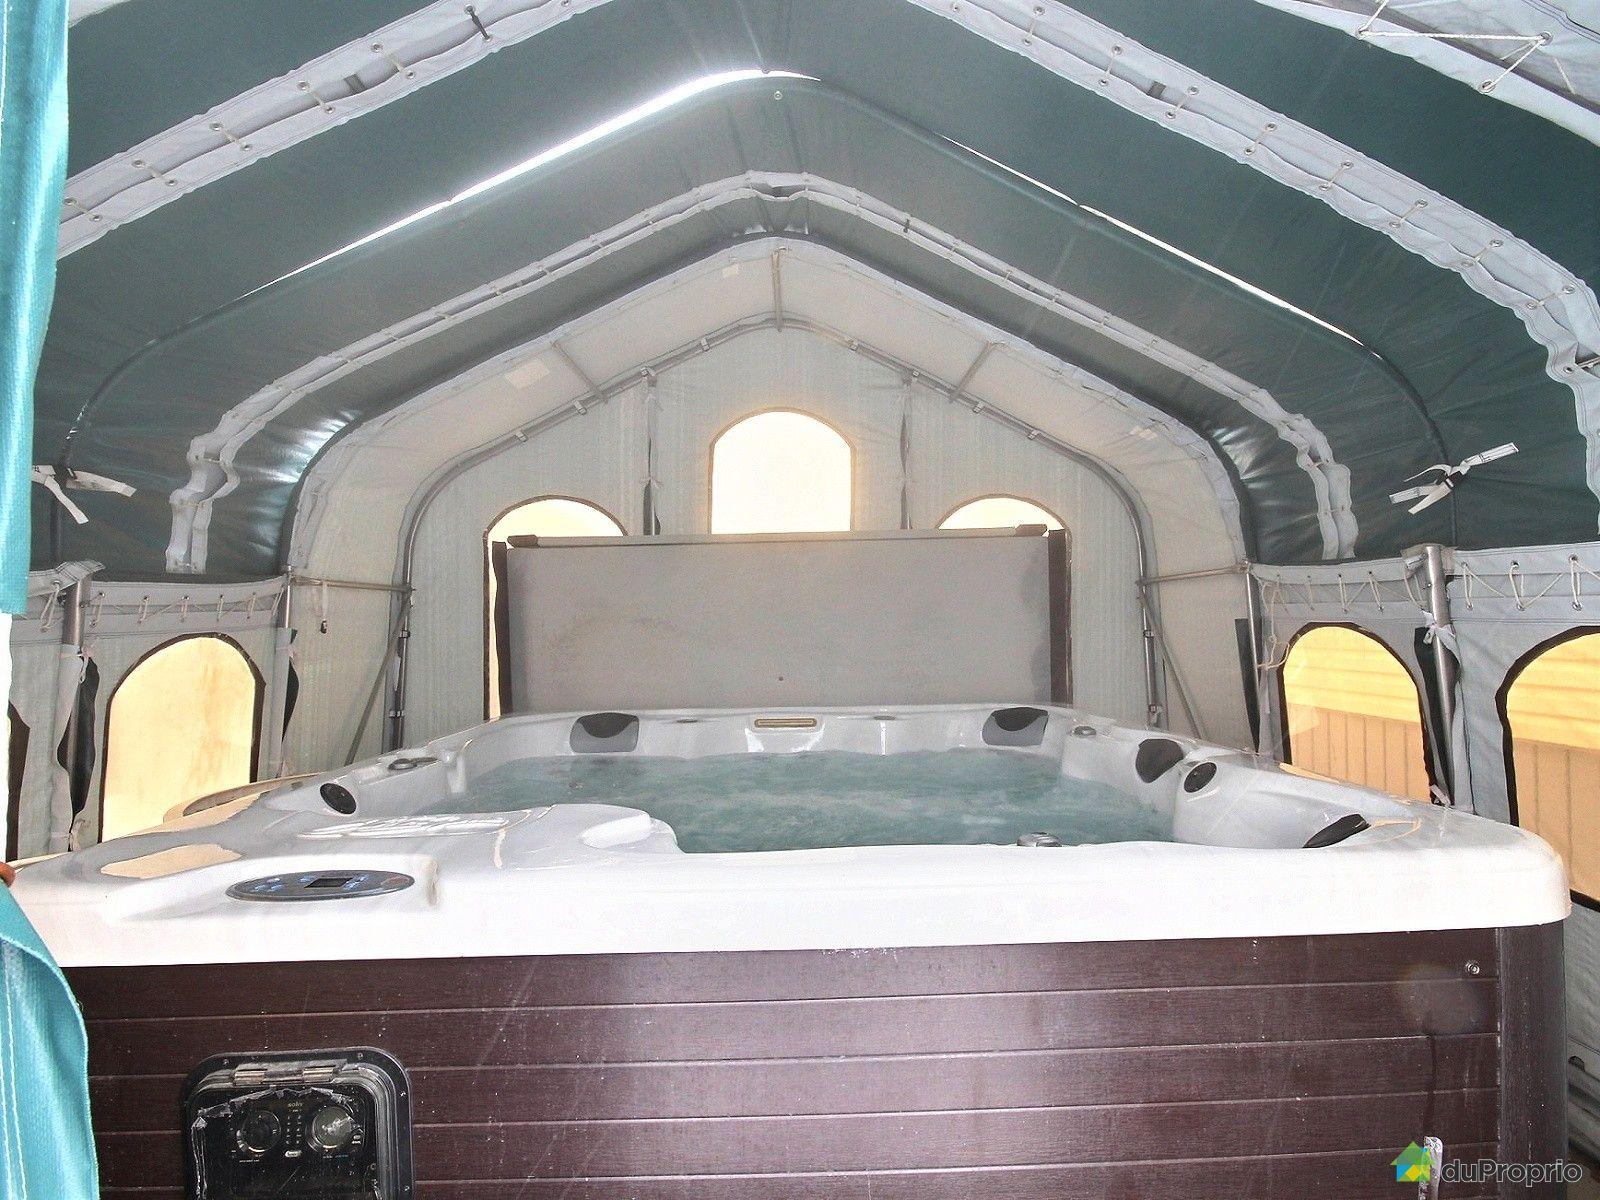 Maison vendre lac st charles 572 rue de l 39 l gance immobilier qu bec - Maison a vendre a spa ...